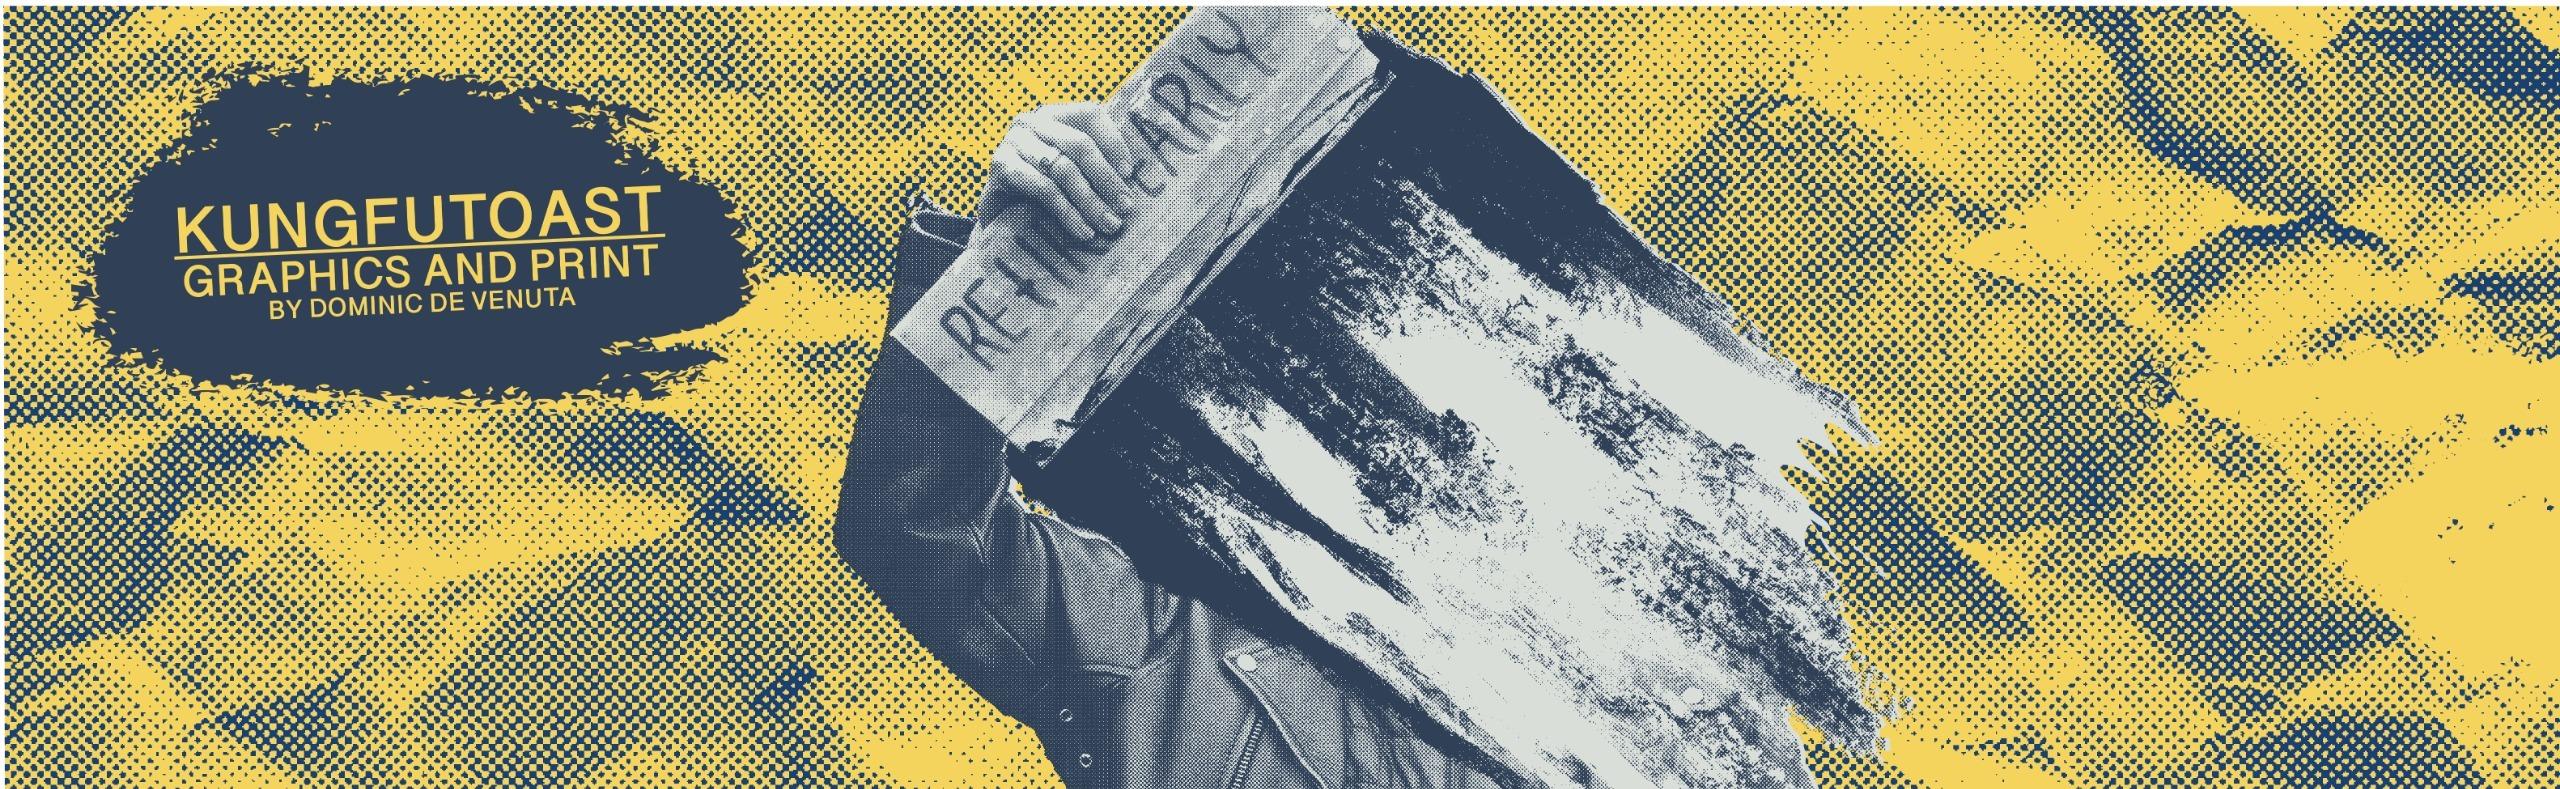 Dominic Toast (@kungfutoast) Cover Image